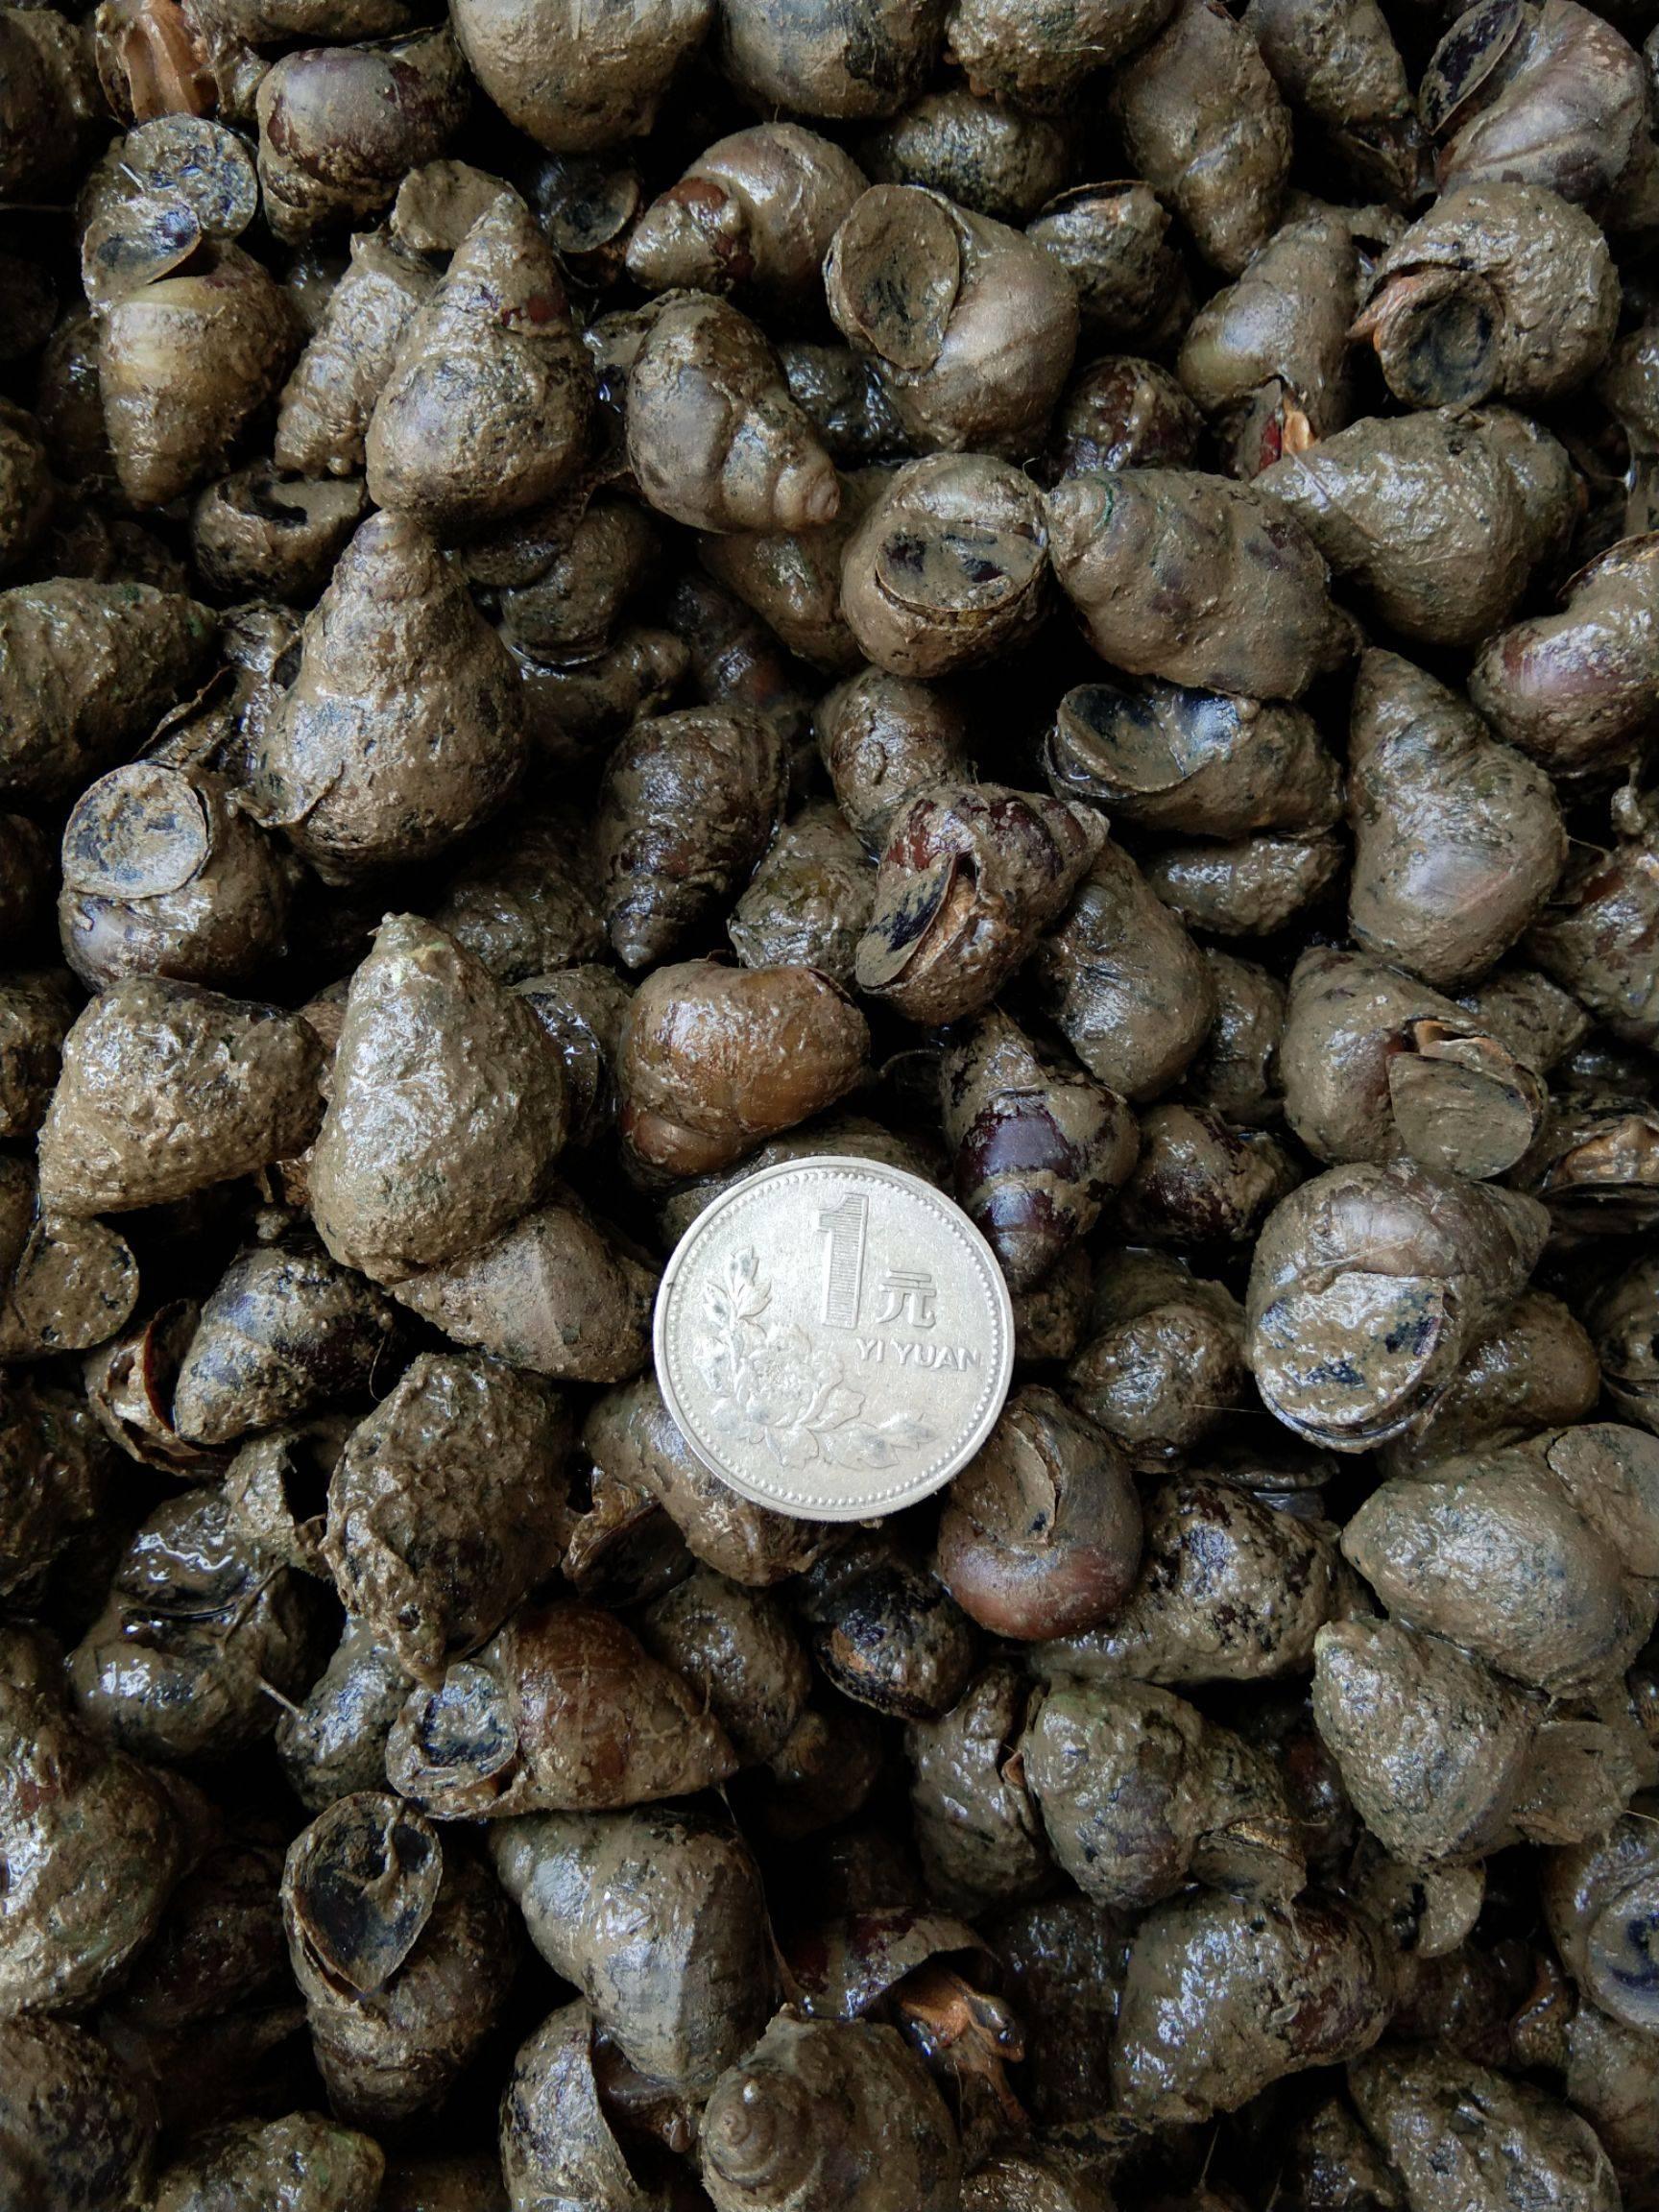 泥螺 野生鲜活石螺